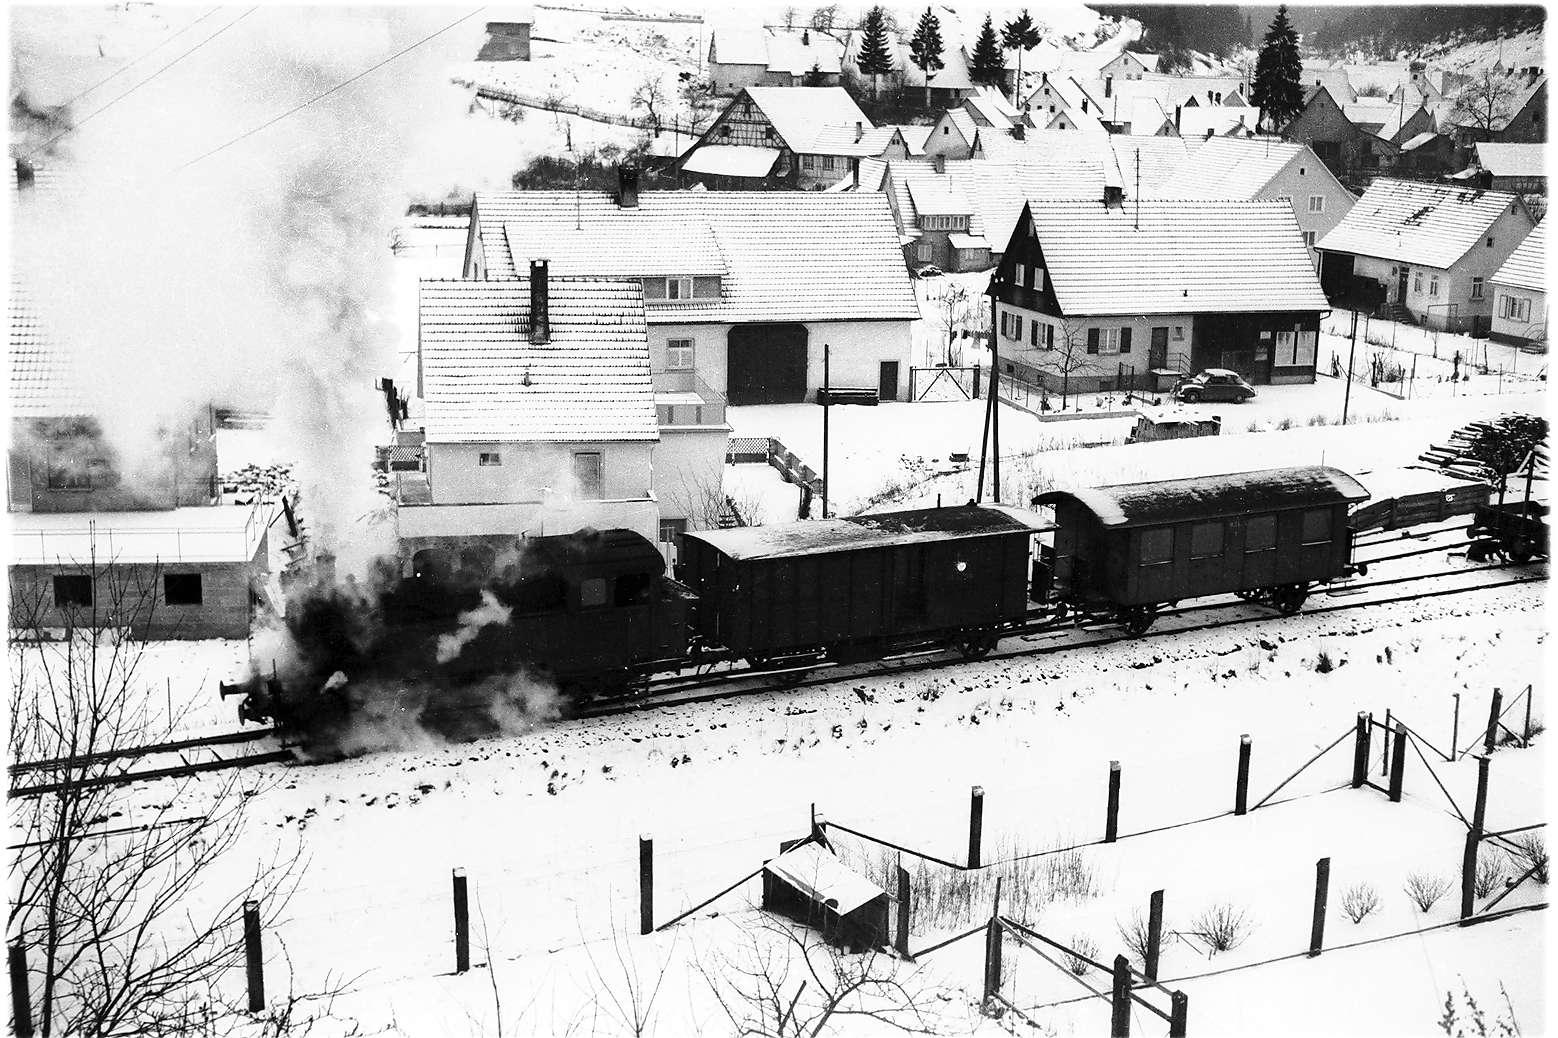 Neufra, Dampflok 16, Zug 305, Einstellen eines Wagens vom Nebengleis, Bild 1